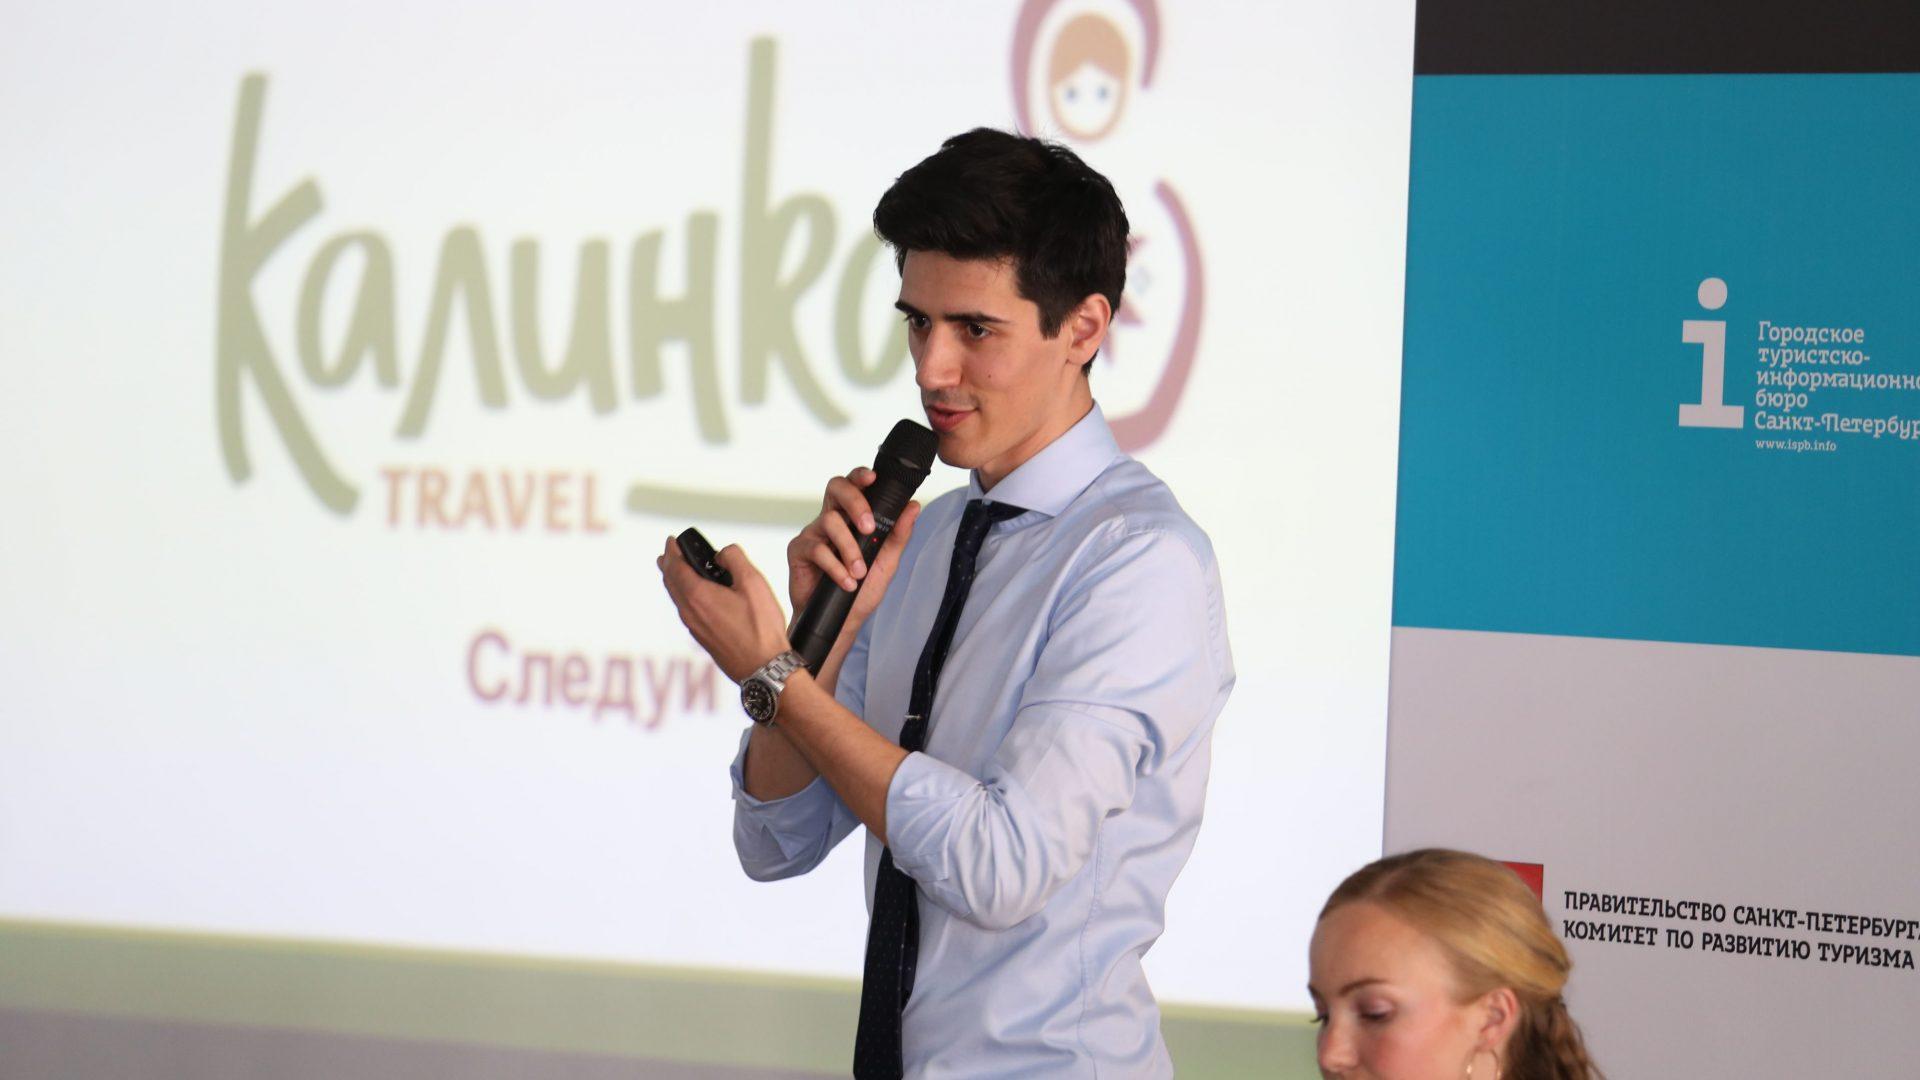 Румыния – разнообразное и доступное направление для российских туристов